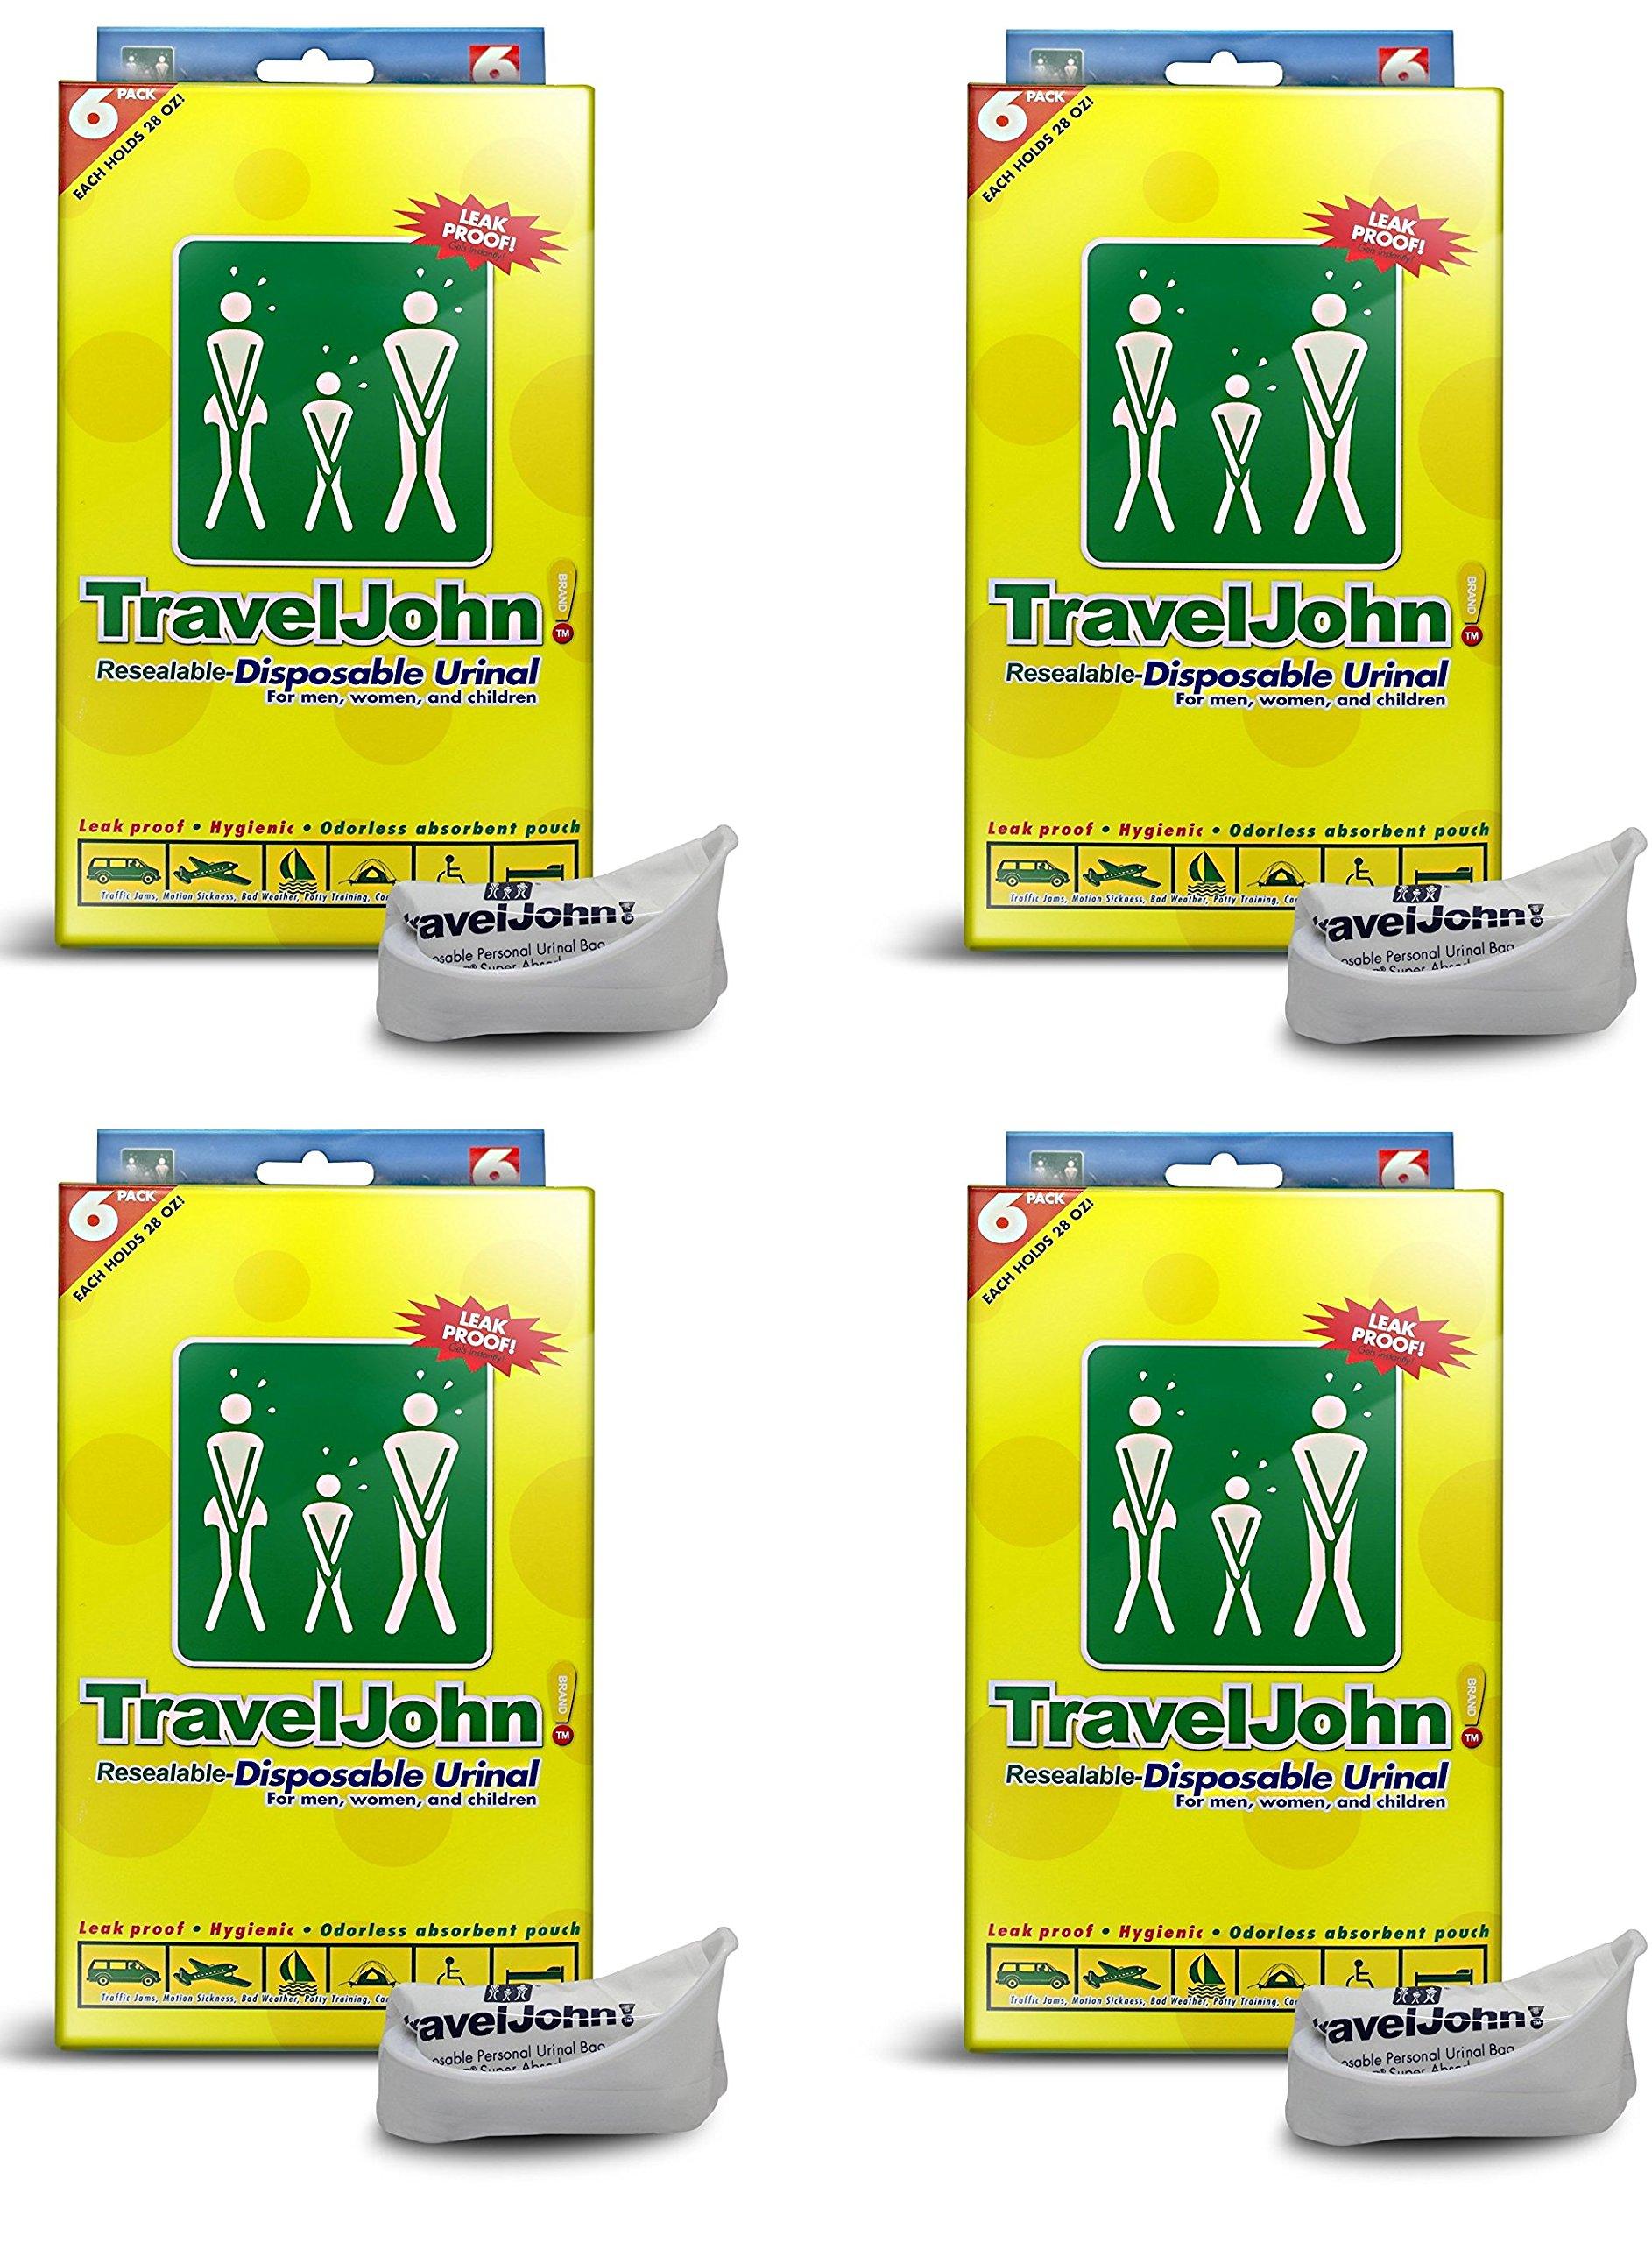 TravelJohn-Disposable Urinal (24 PACK)